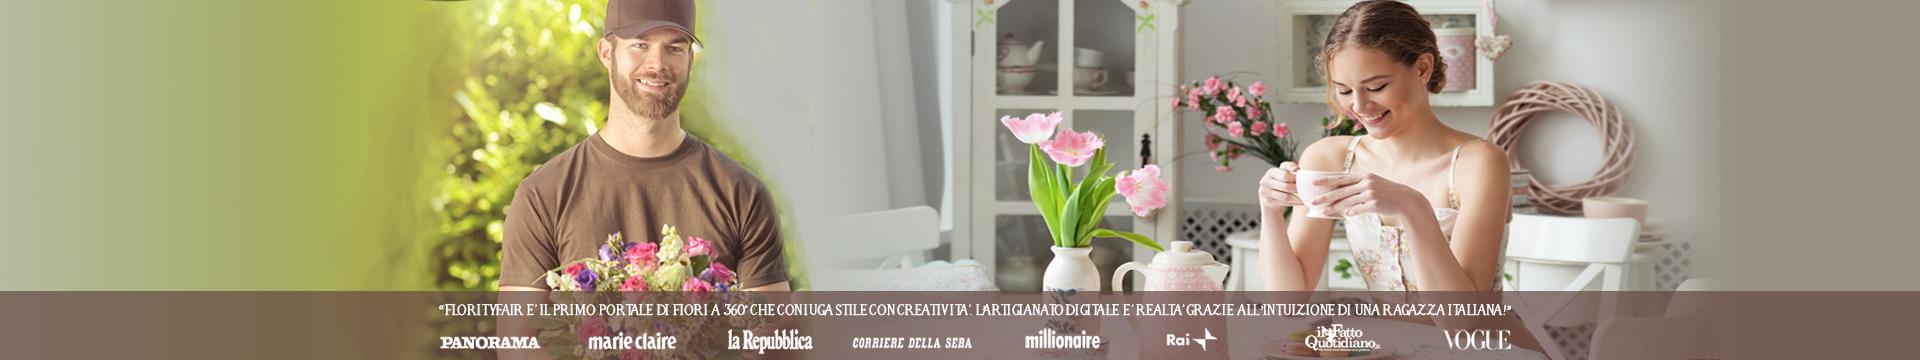 Abbonamento Torino